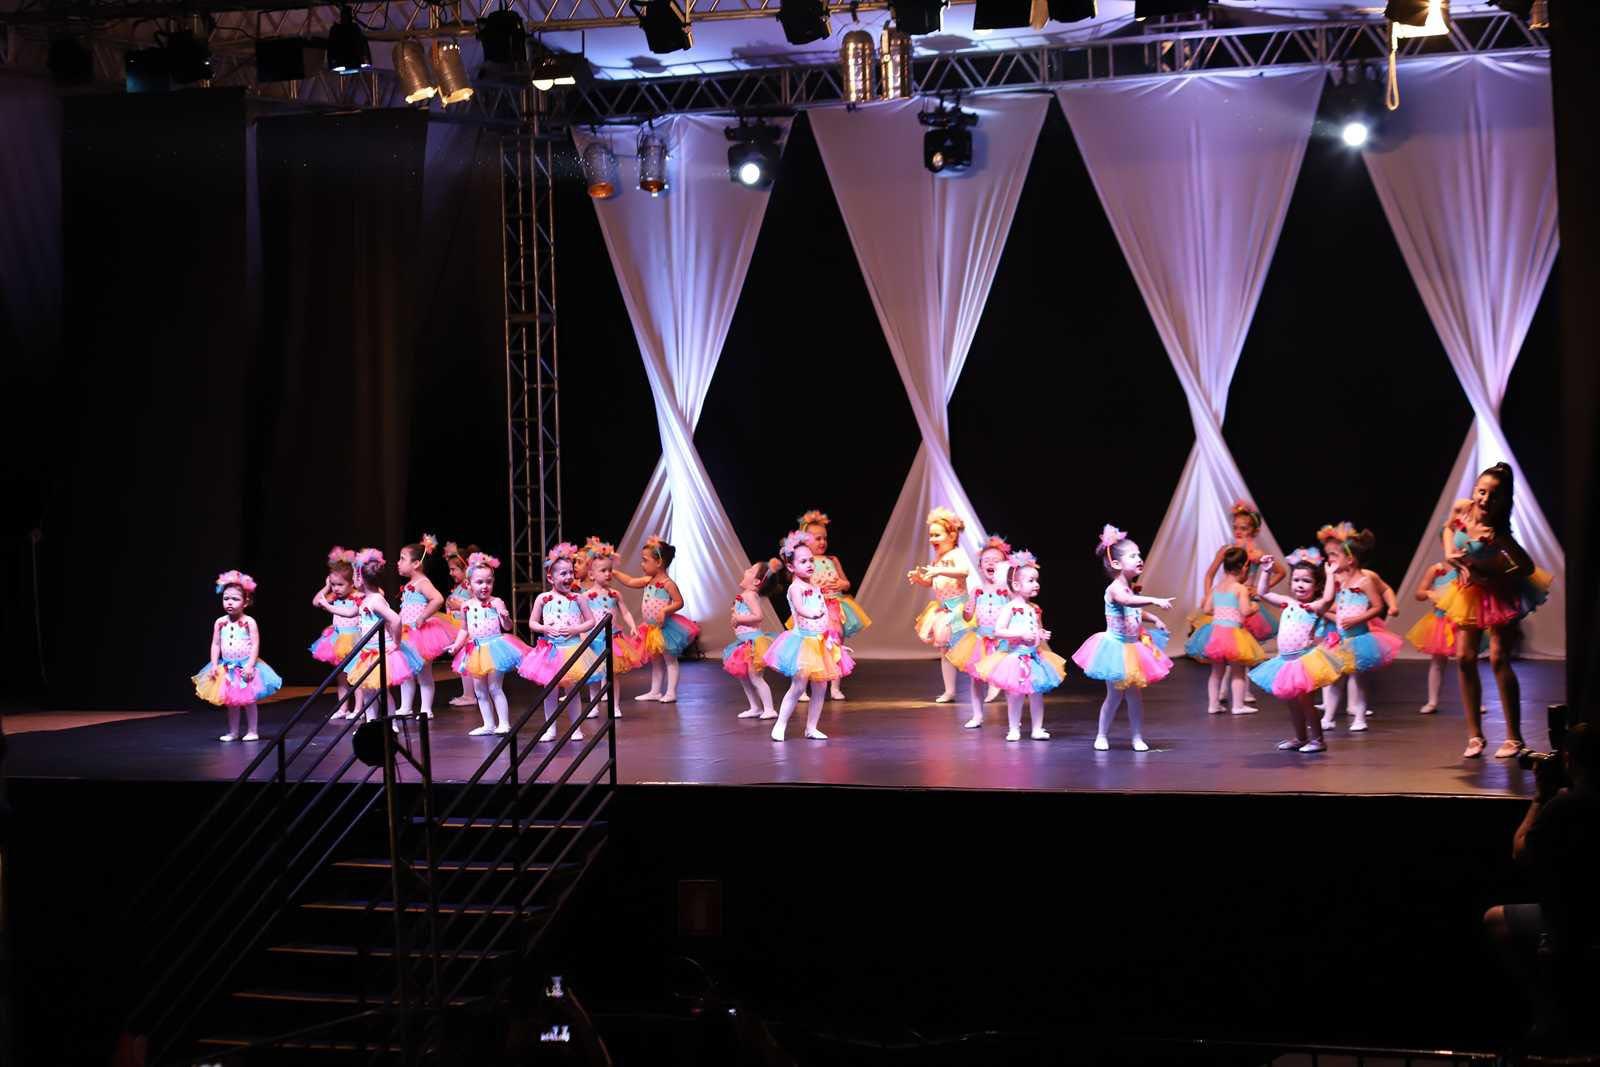 Essência - XV Espetáculo Dance One Dores Cia. de Dança